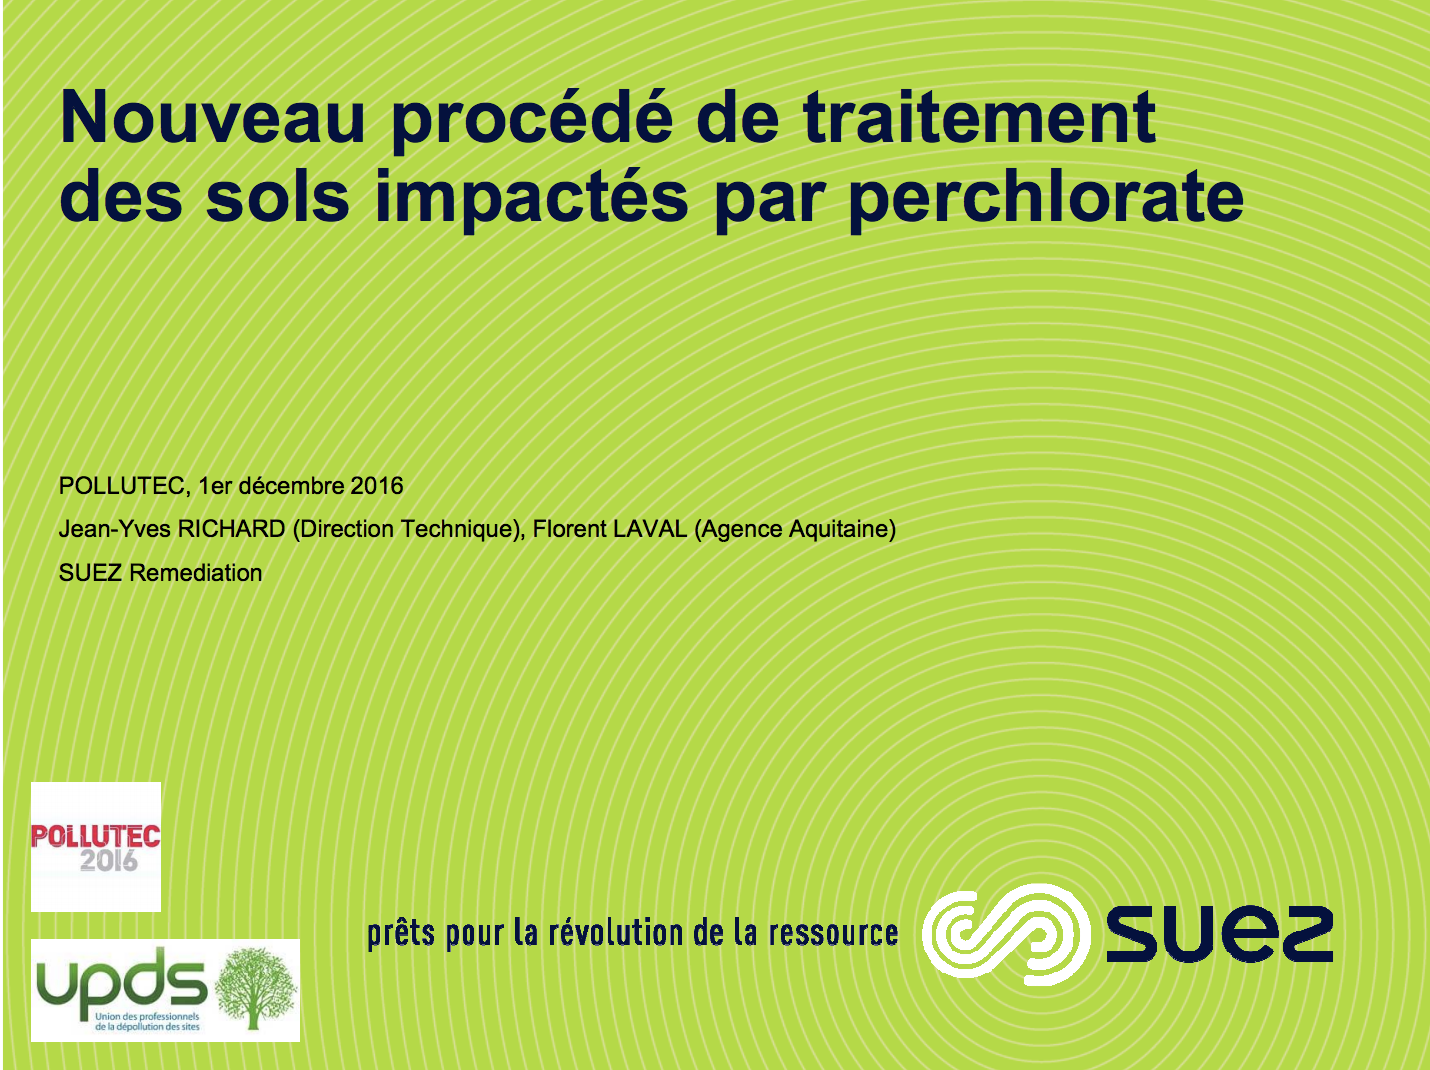 Nouveau procédé de traitement des sols pollués par perchlorate - SUEZ - 2016